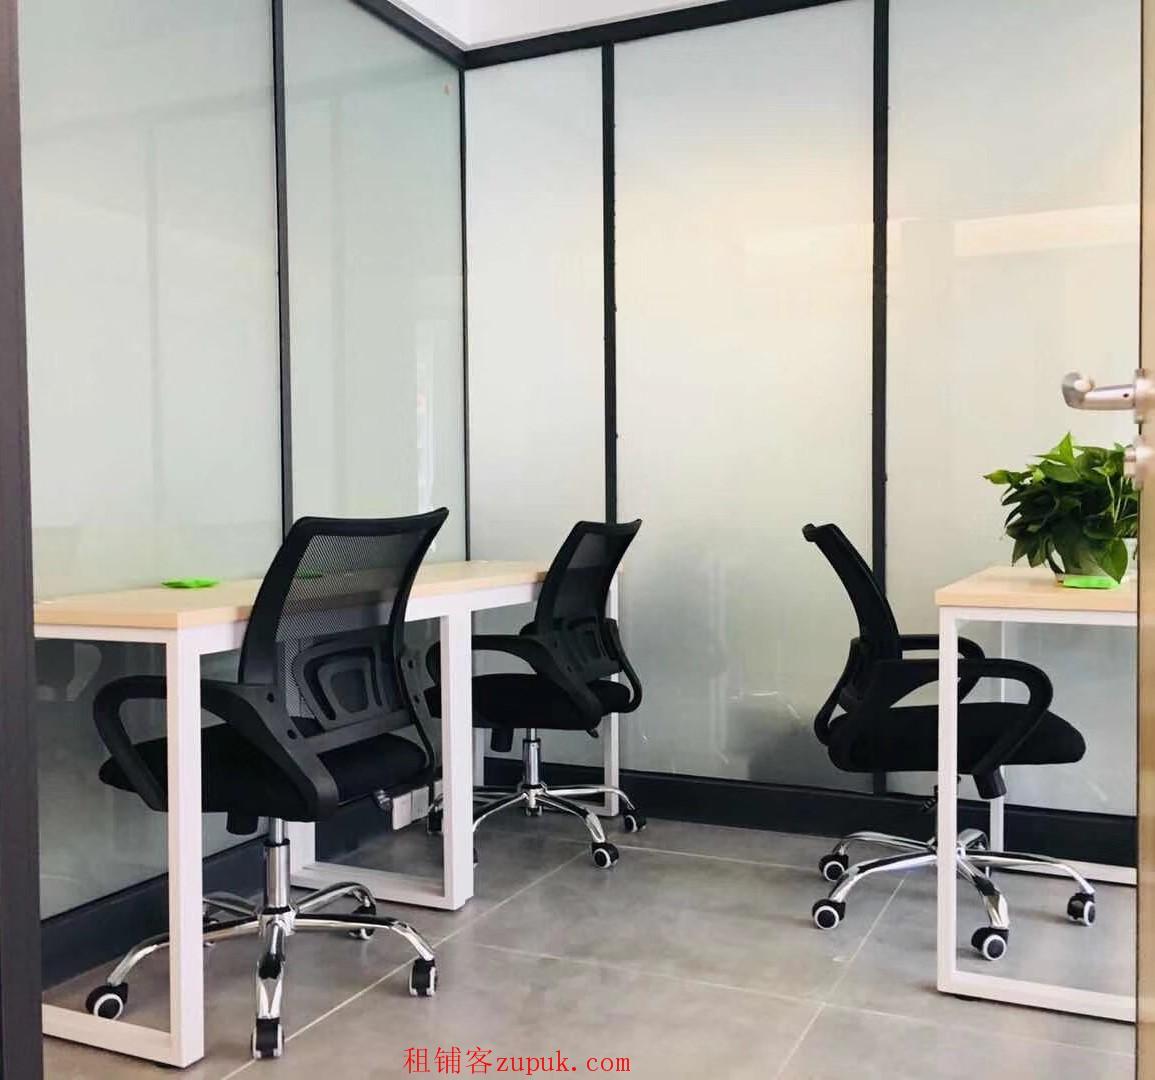 中小型办公室出租 注冊挂靠 办理营业执照 变更解锁